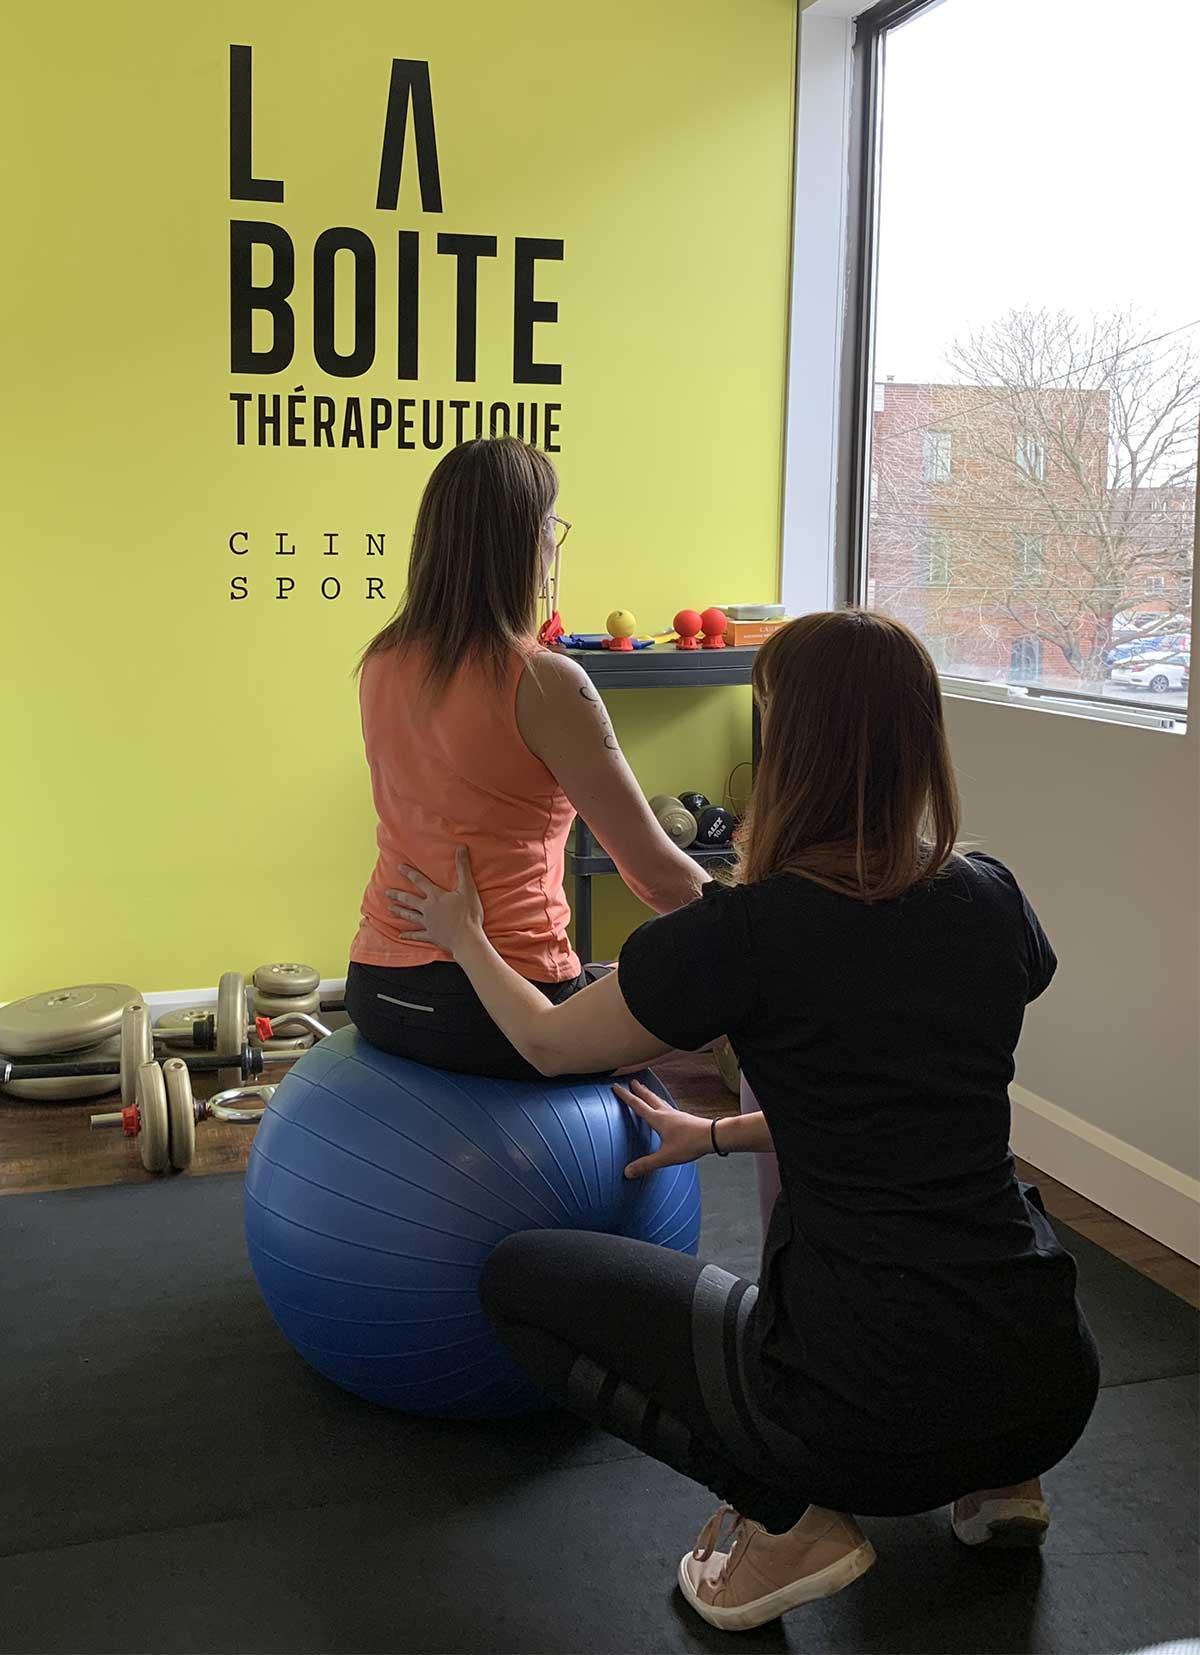 Femme assise sur un ballon d'exercice qui reçoit un traitement chiropratique